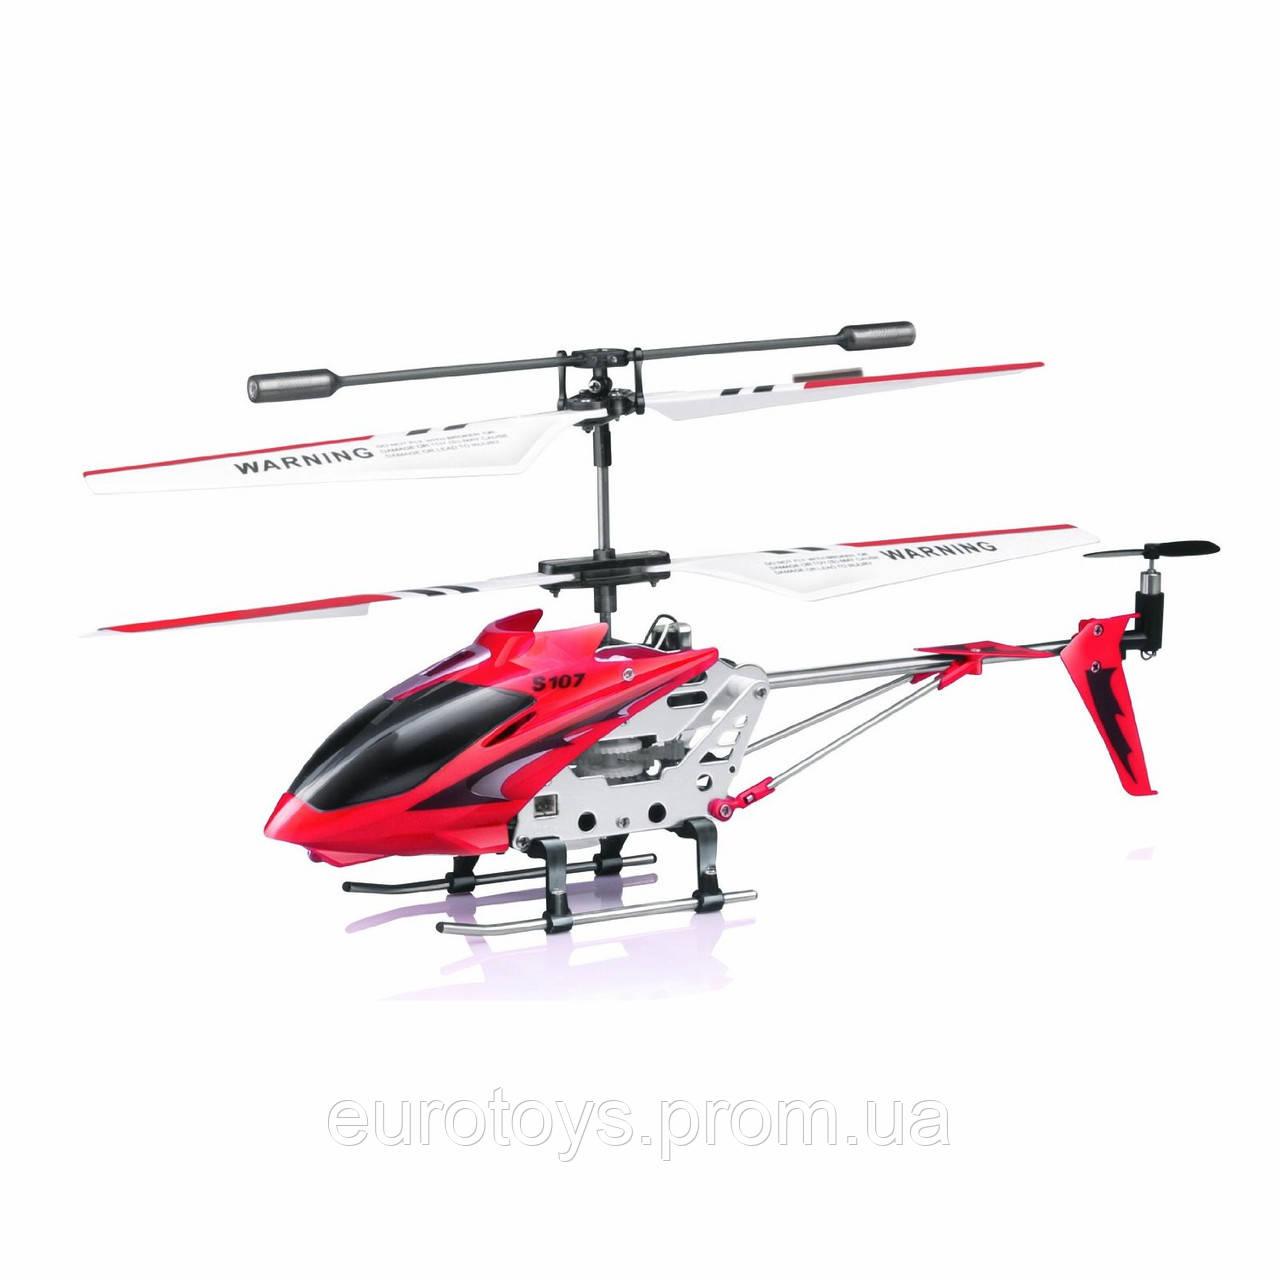 SYMA Вертолет с 3-х канальным и/к управлением, светом, гироскопом ( 22 см)  в ассортименте.